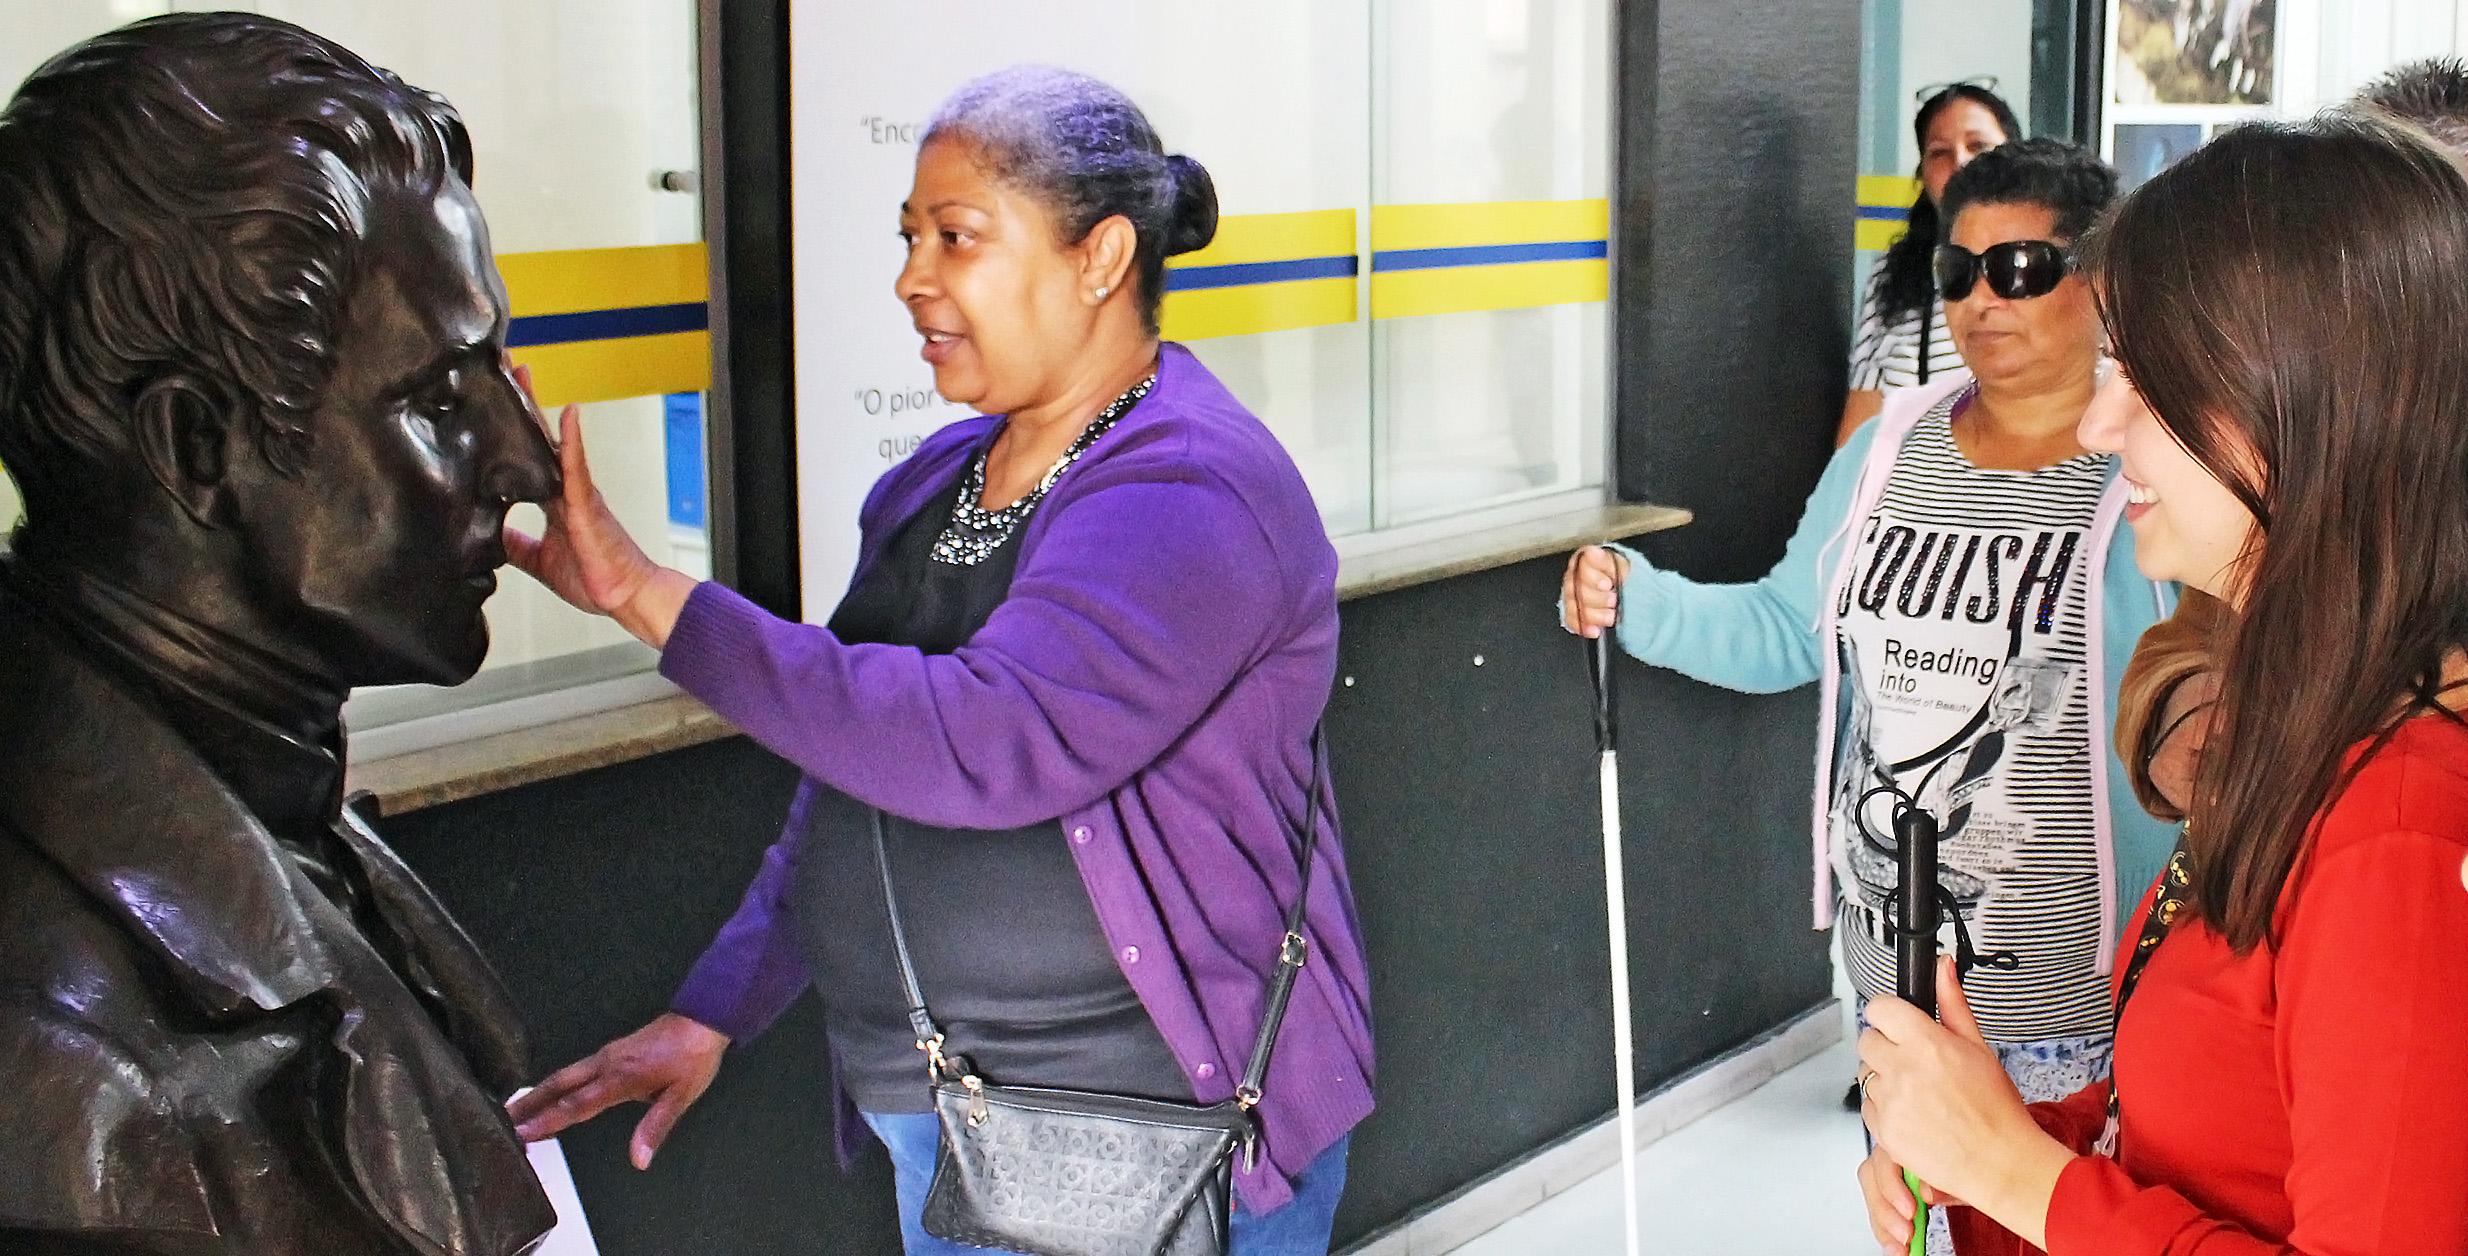 Descrição da imagem: foto de uma mulher tateando o busto de Louis Braille no Centro de Memória da Fundação Dorina. Ela está de perfil, olhando em direção à escultura. Atrás dela, à direita na foto, estão outras quatro pessoas. Fim da descrição.